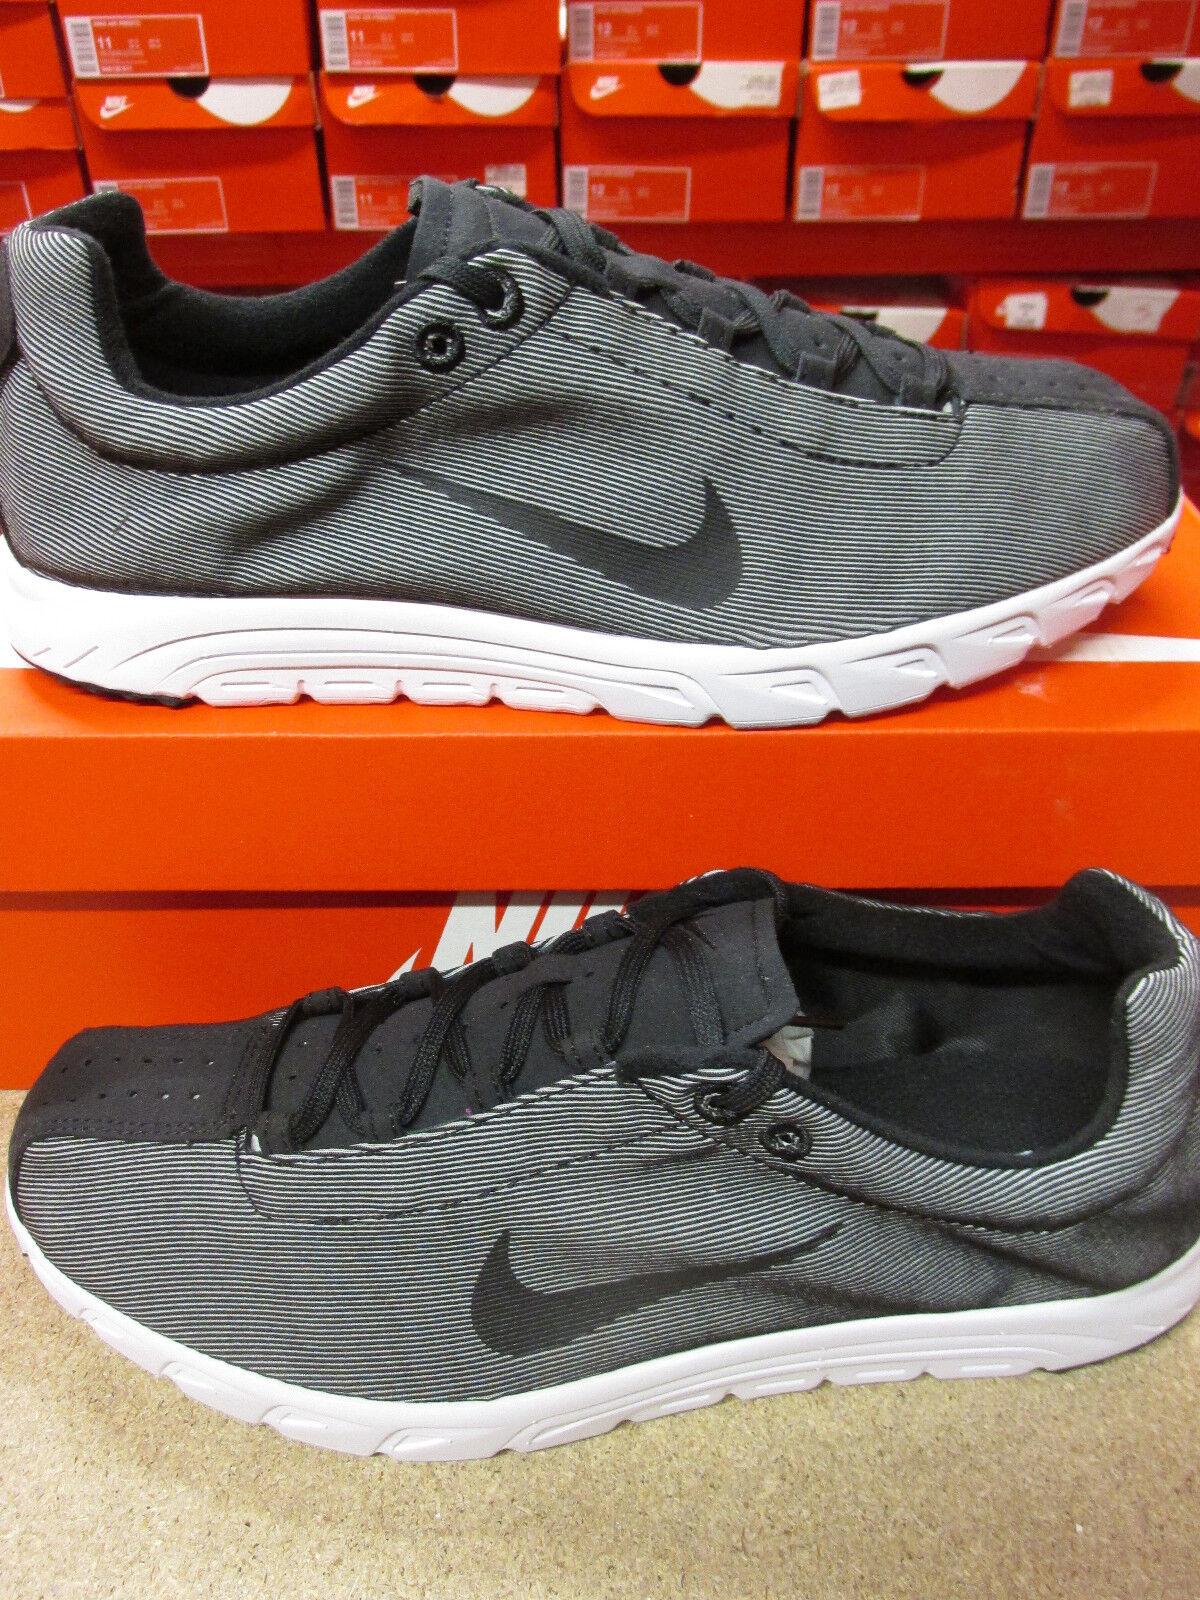 Nike Mayfly PRM Scarpe Da Corsa Ginnastica Da Uomo da Corsa Da Scarpe Scarpe   a1dee4